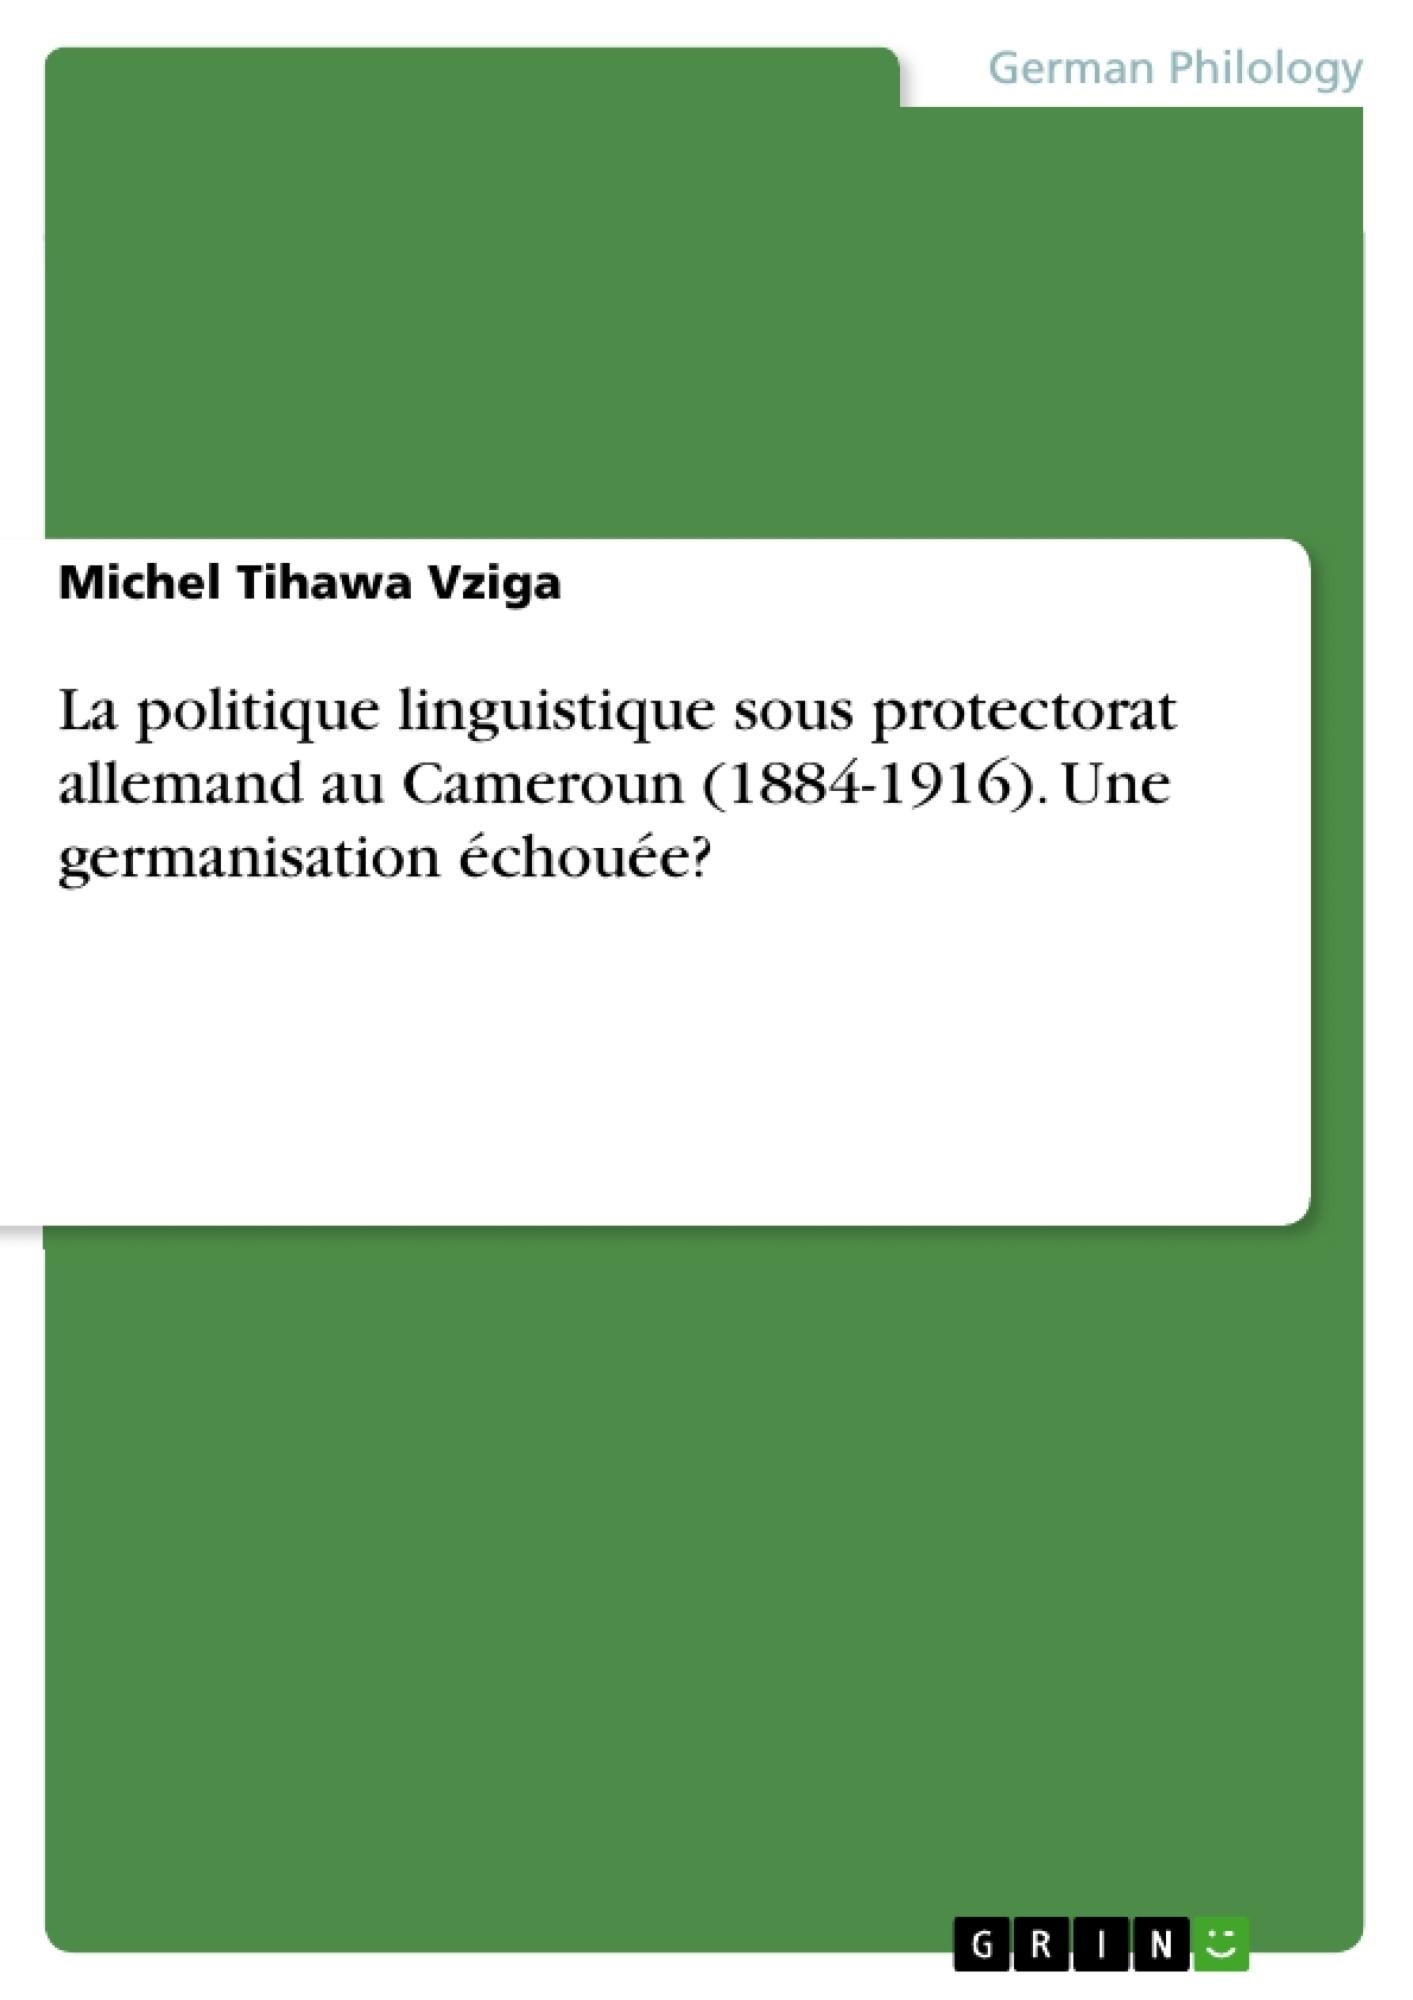 Titre: La politique linguistique sous protectorat allemand au Cameroun (1884-1916). Une germanisation échouée?